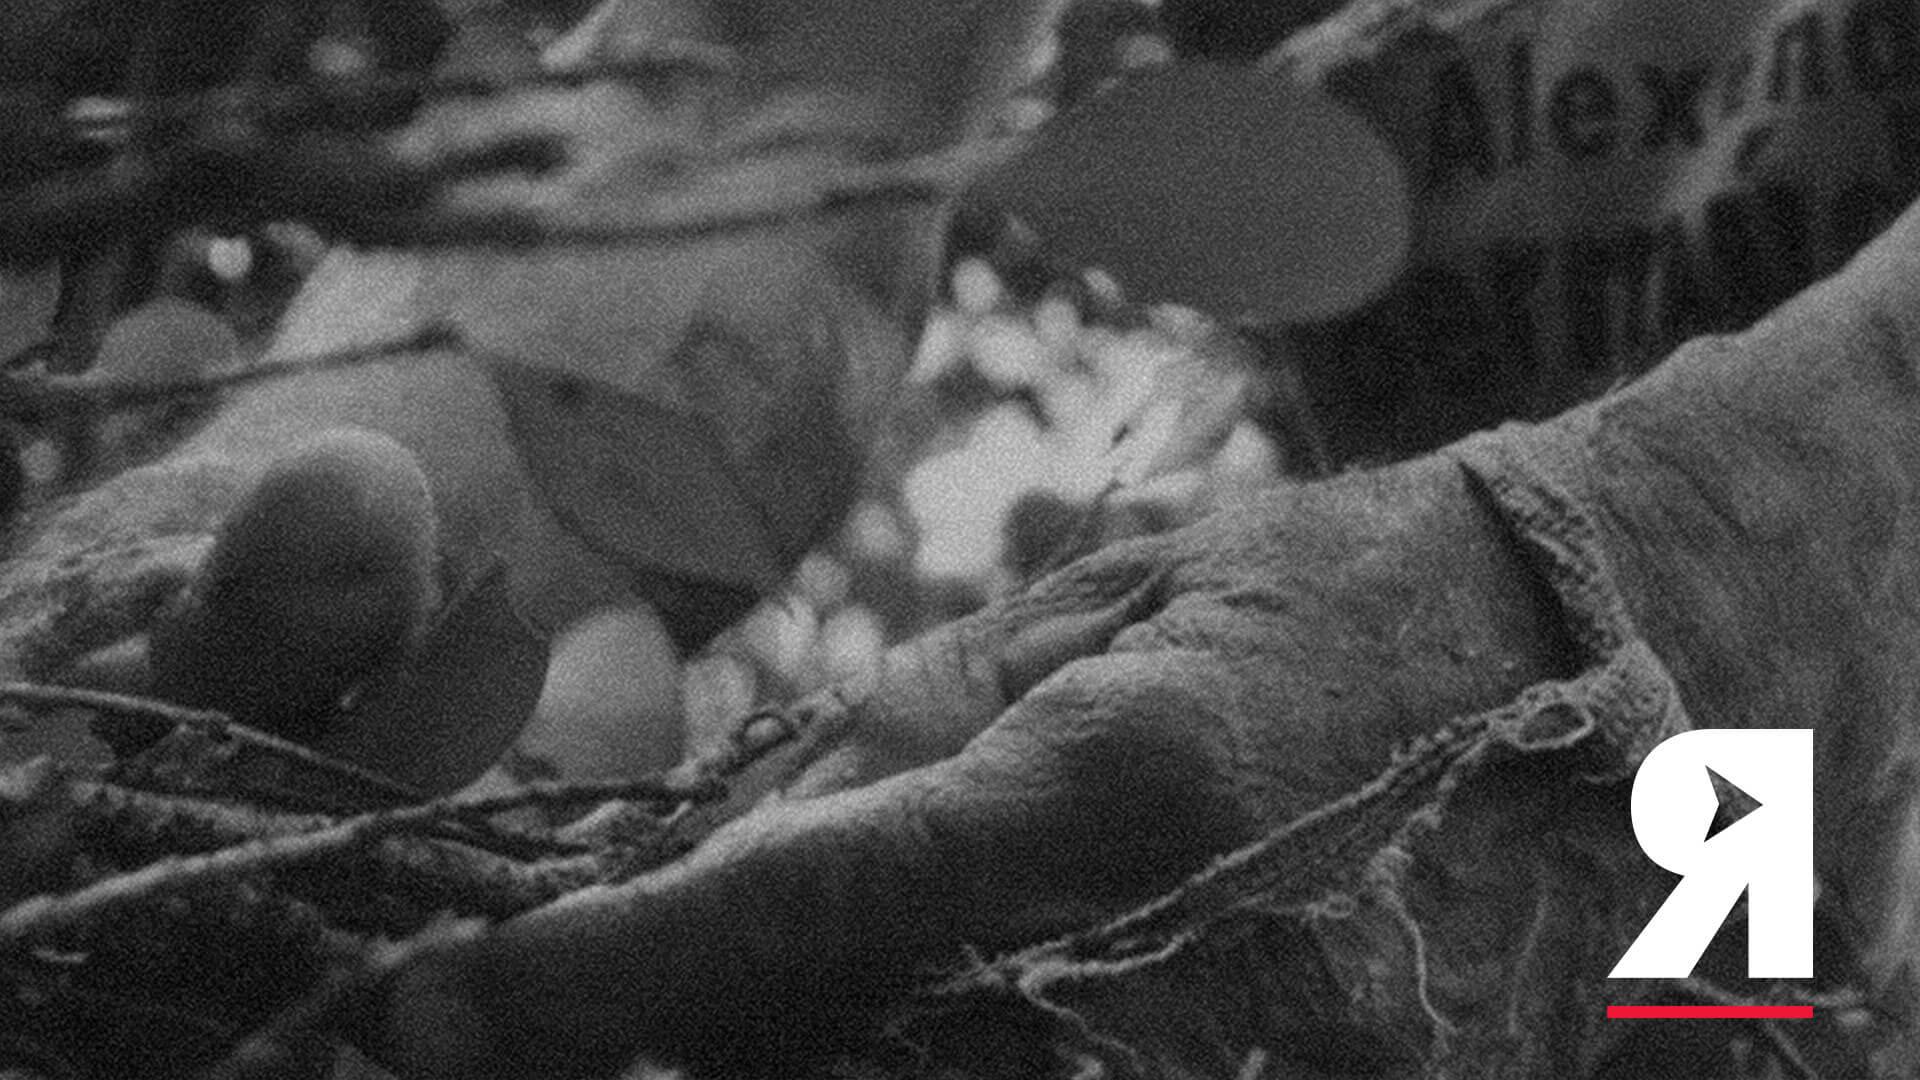 La guía Divergentes de la lucha de los cocaleros en Colombia